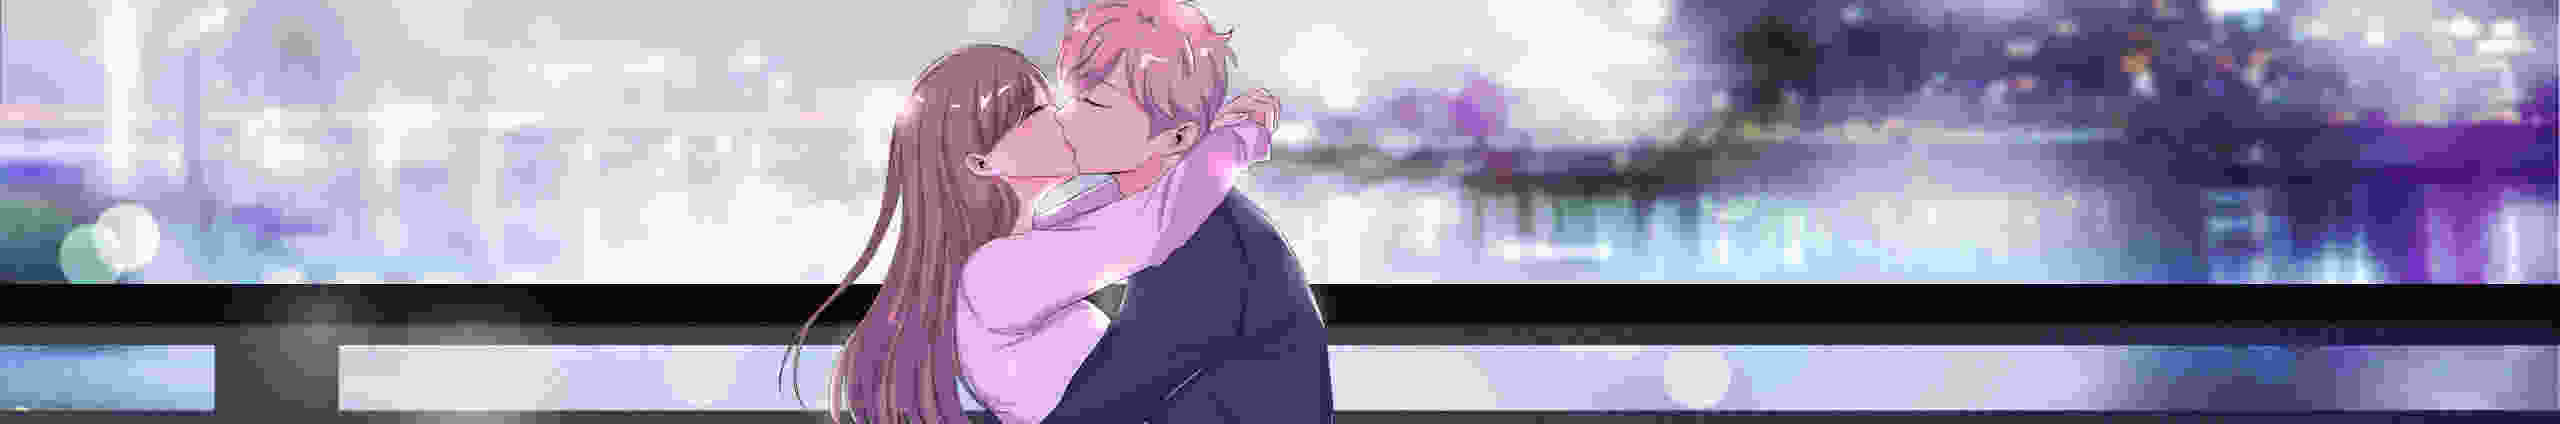 จูบนั้นทำฉันหวั่นไหว